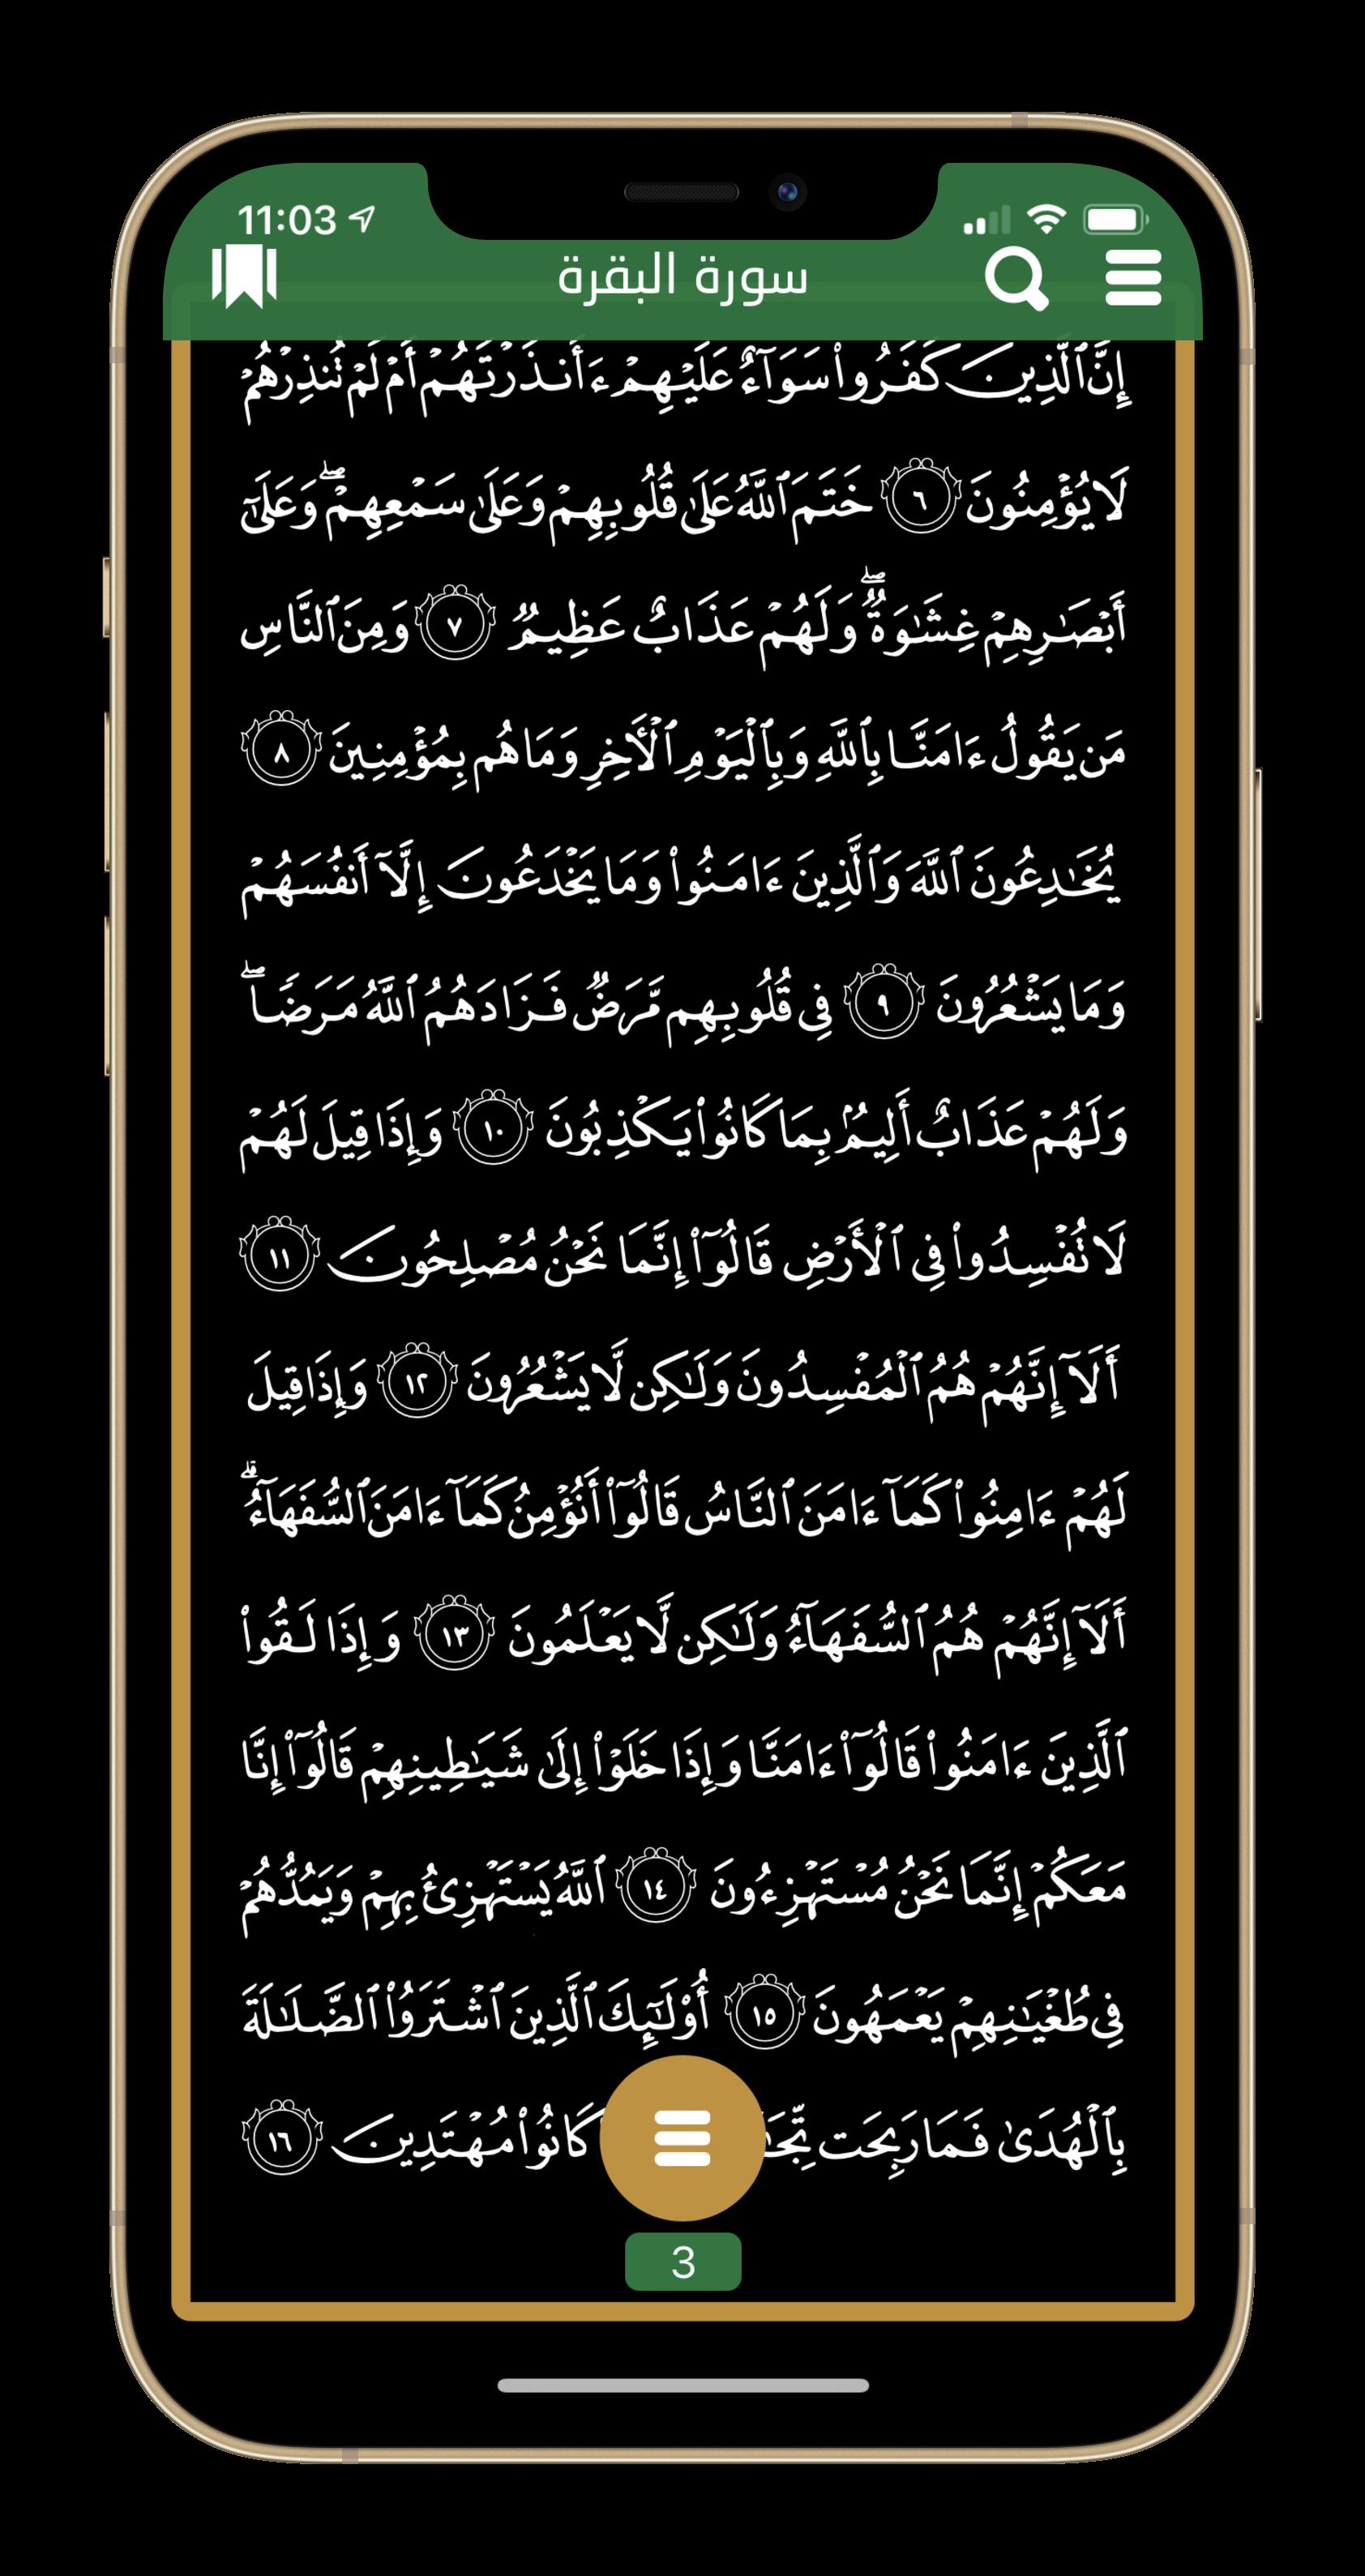 تطبيق الفهد للقرآن الكريم